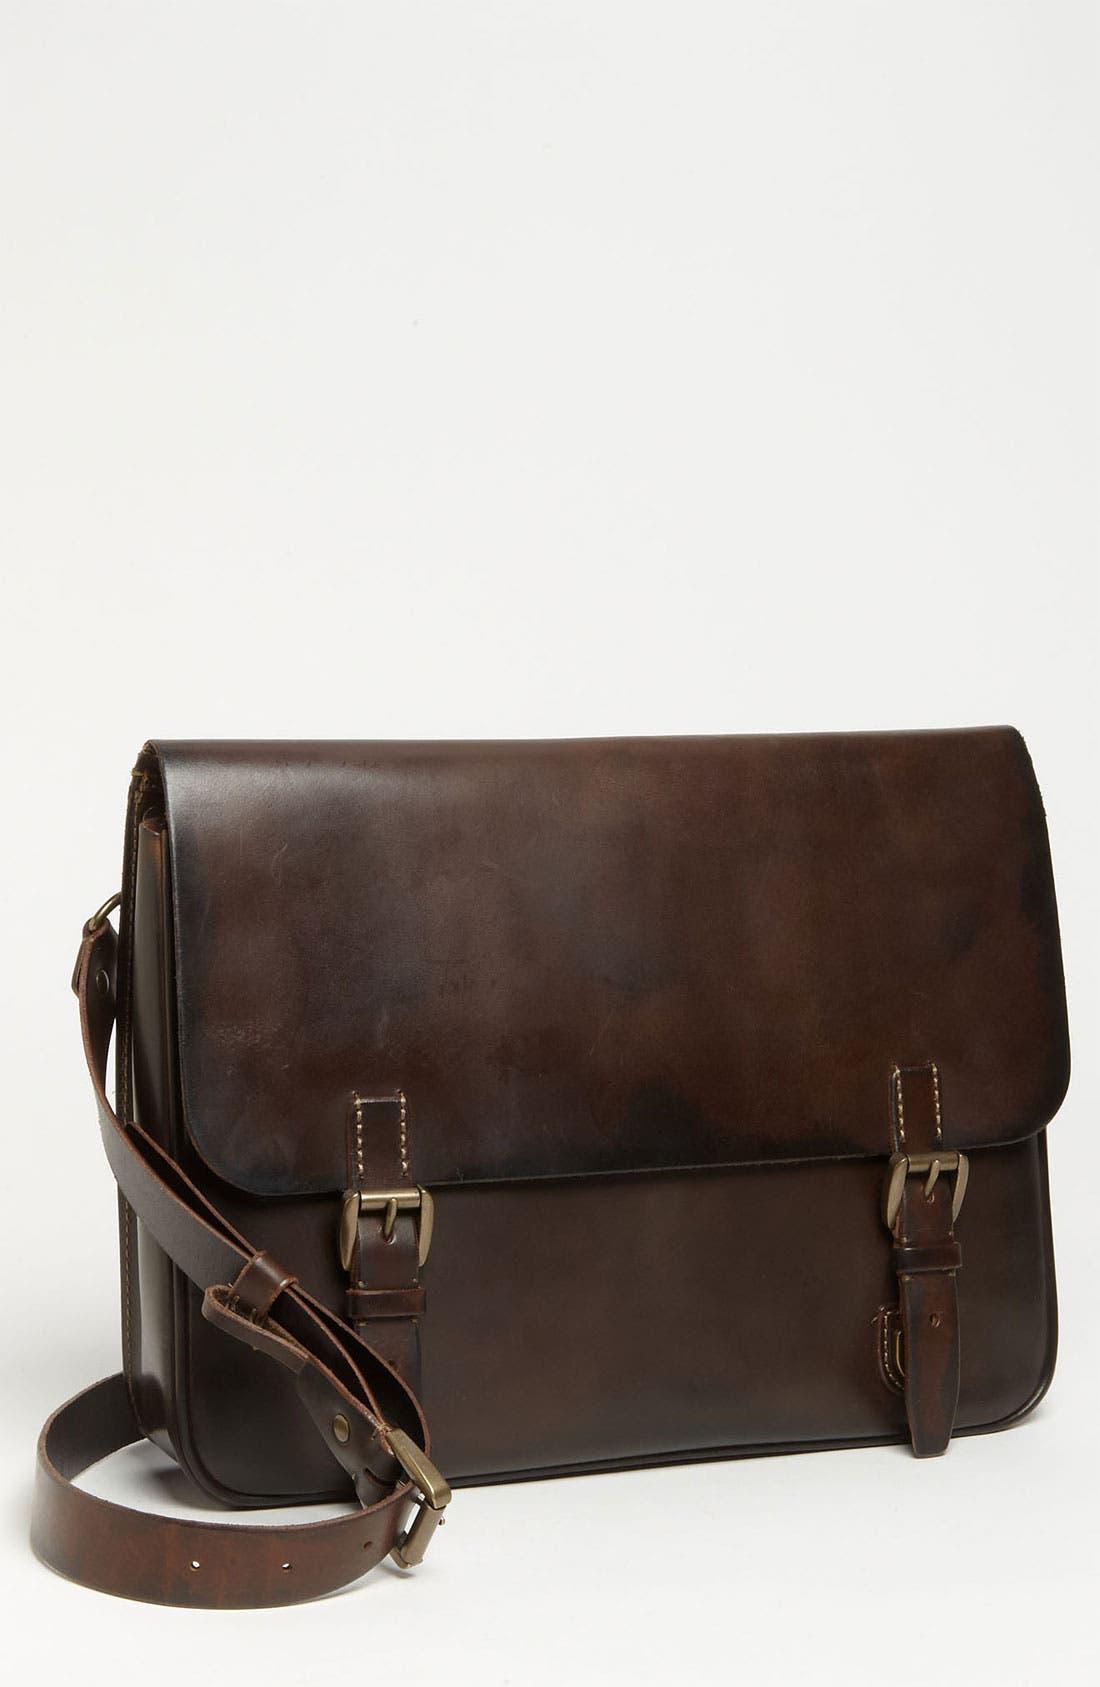 Alternate Image 1 Selected - Fossil 'Vintage Archive' Messenger Bag